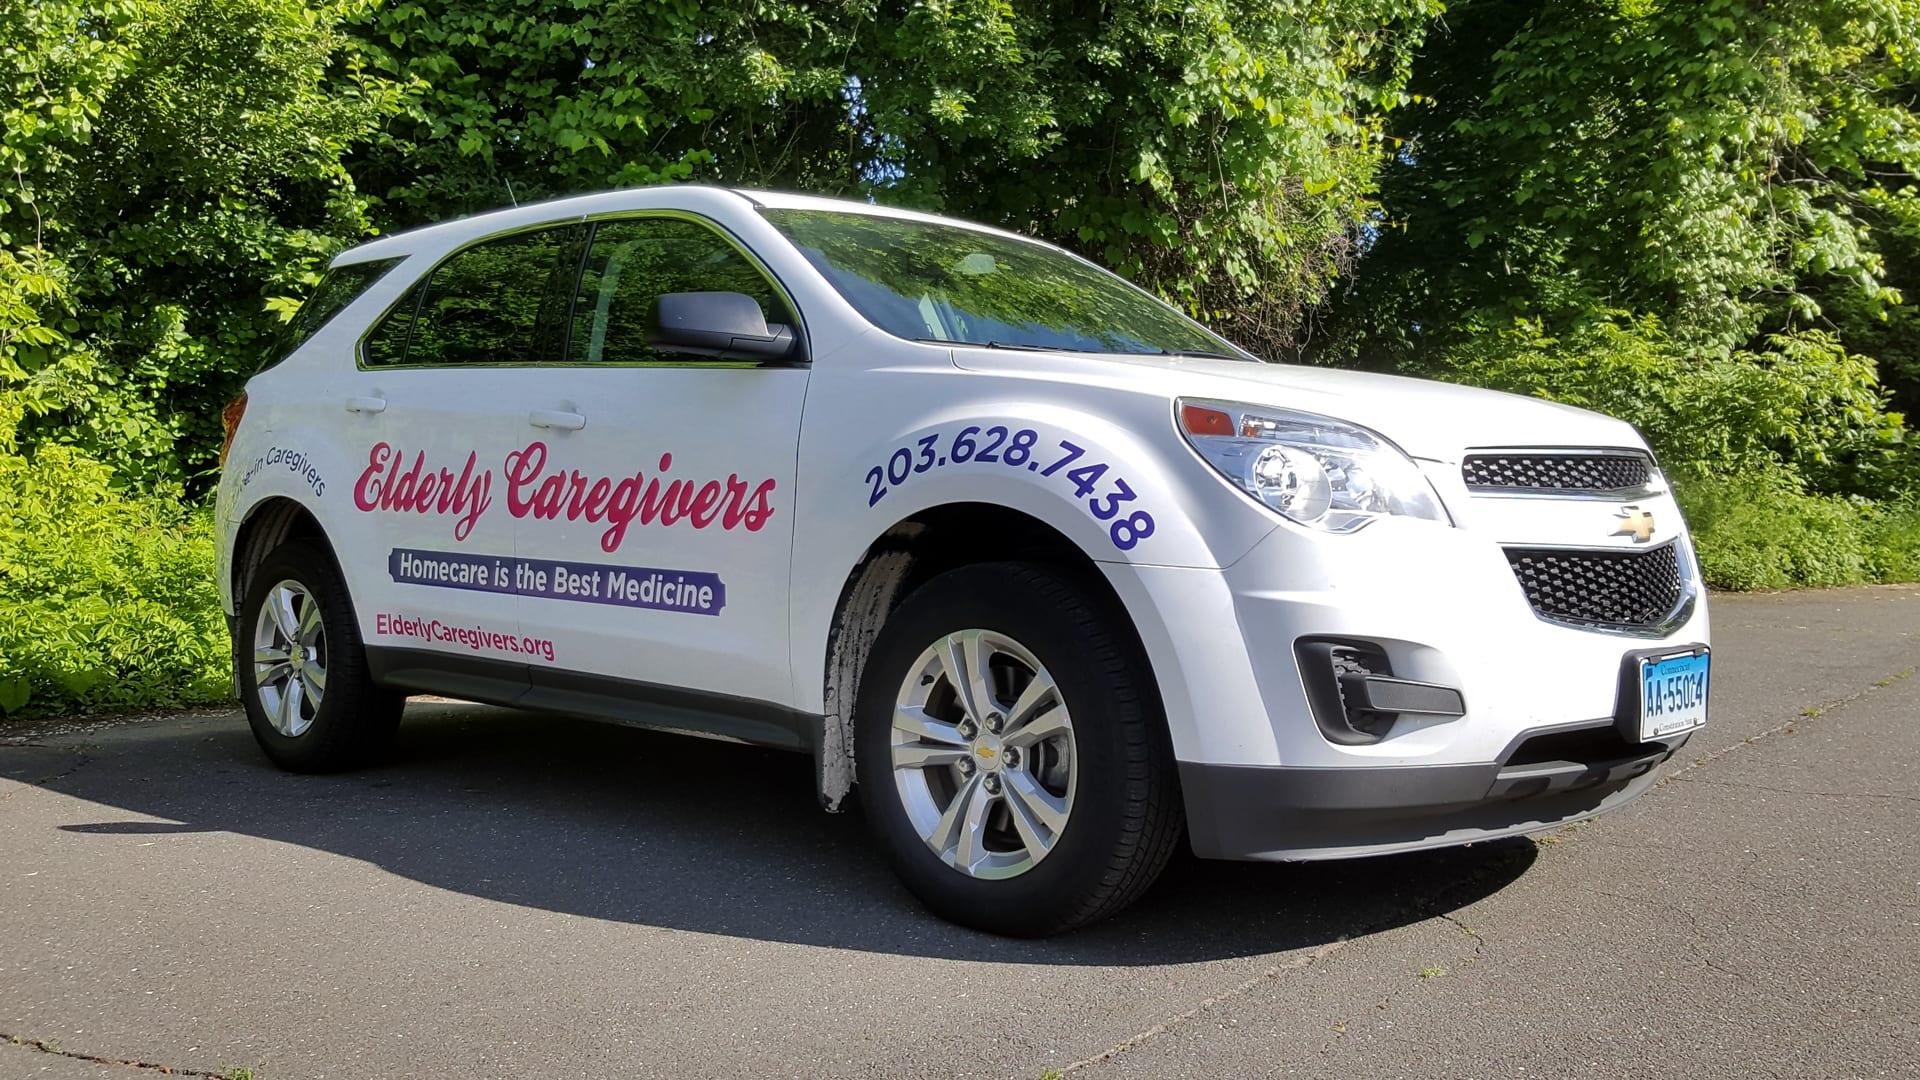 Elderly Caregivers - Vehicle Lettering